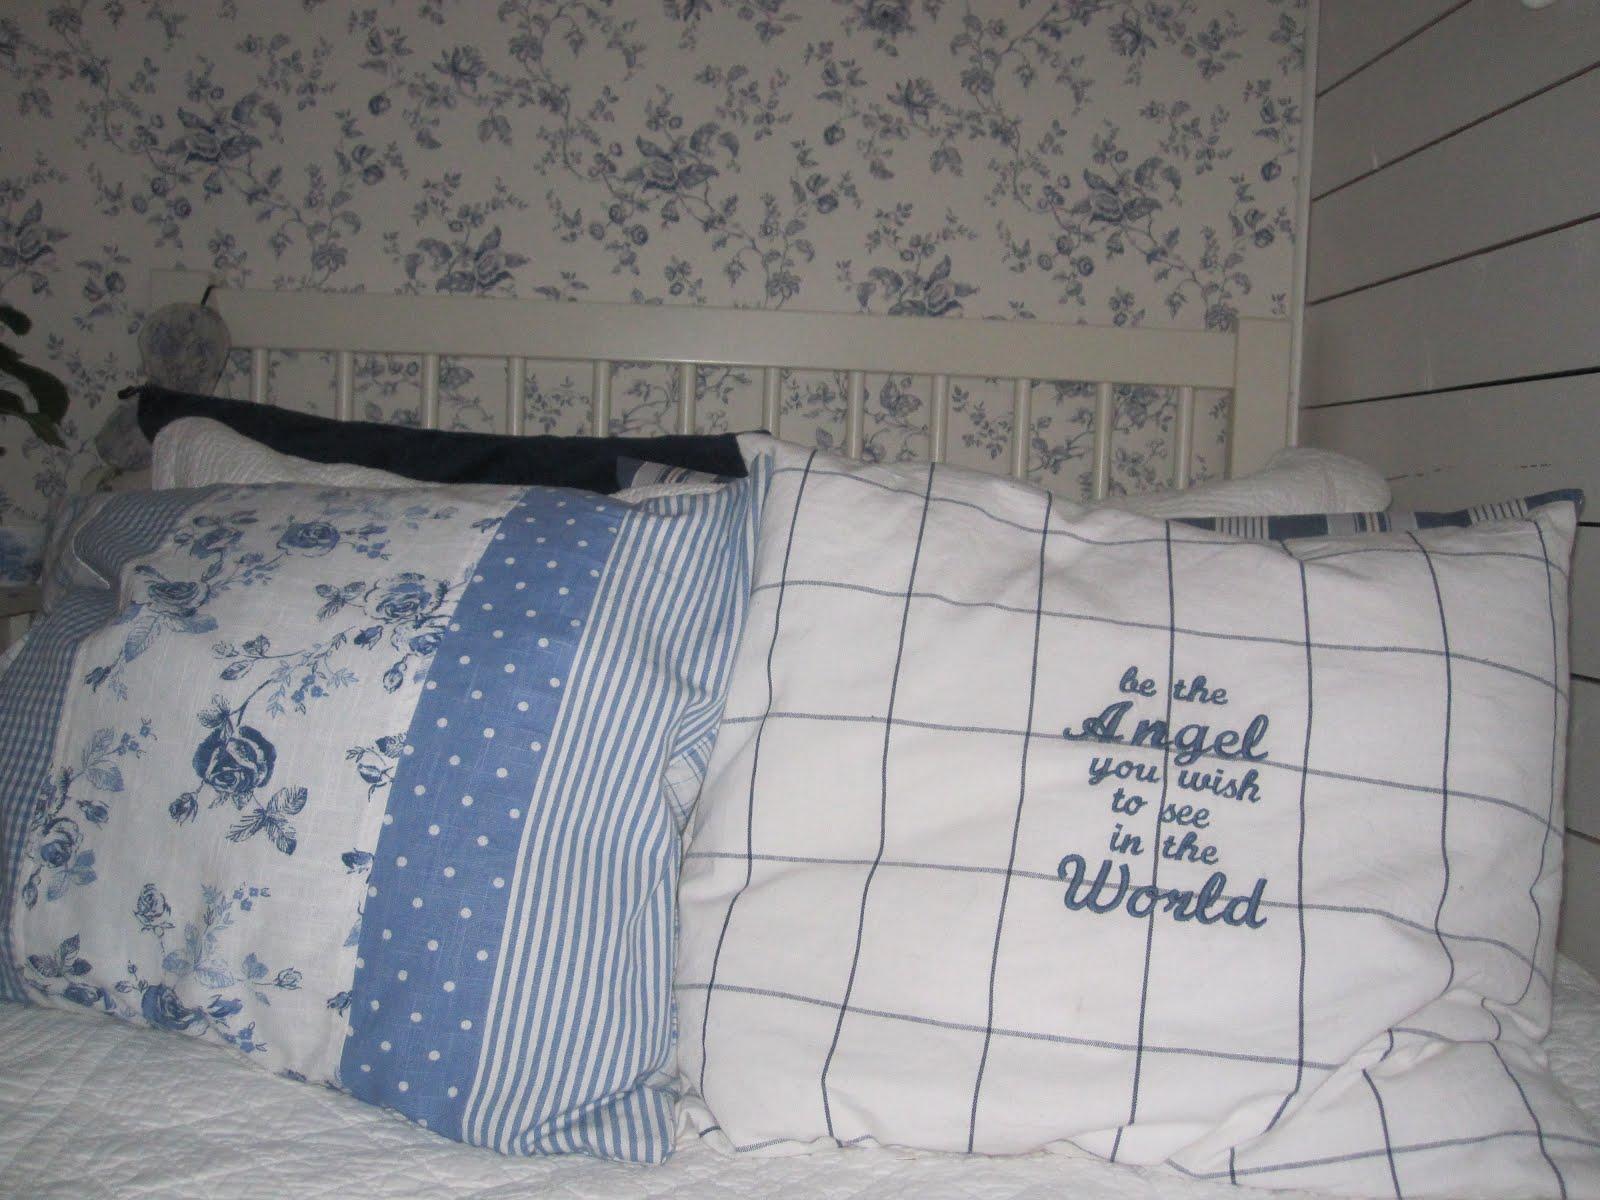 Mys och hemtrevnad!: Elins blåa rum...